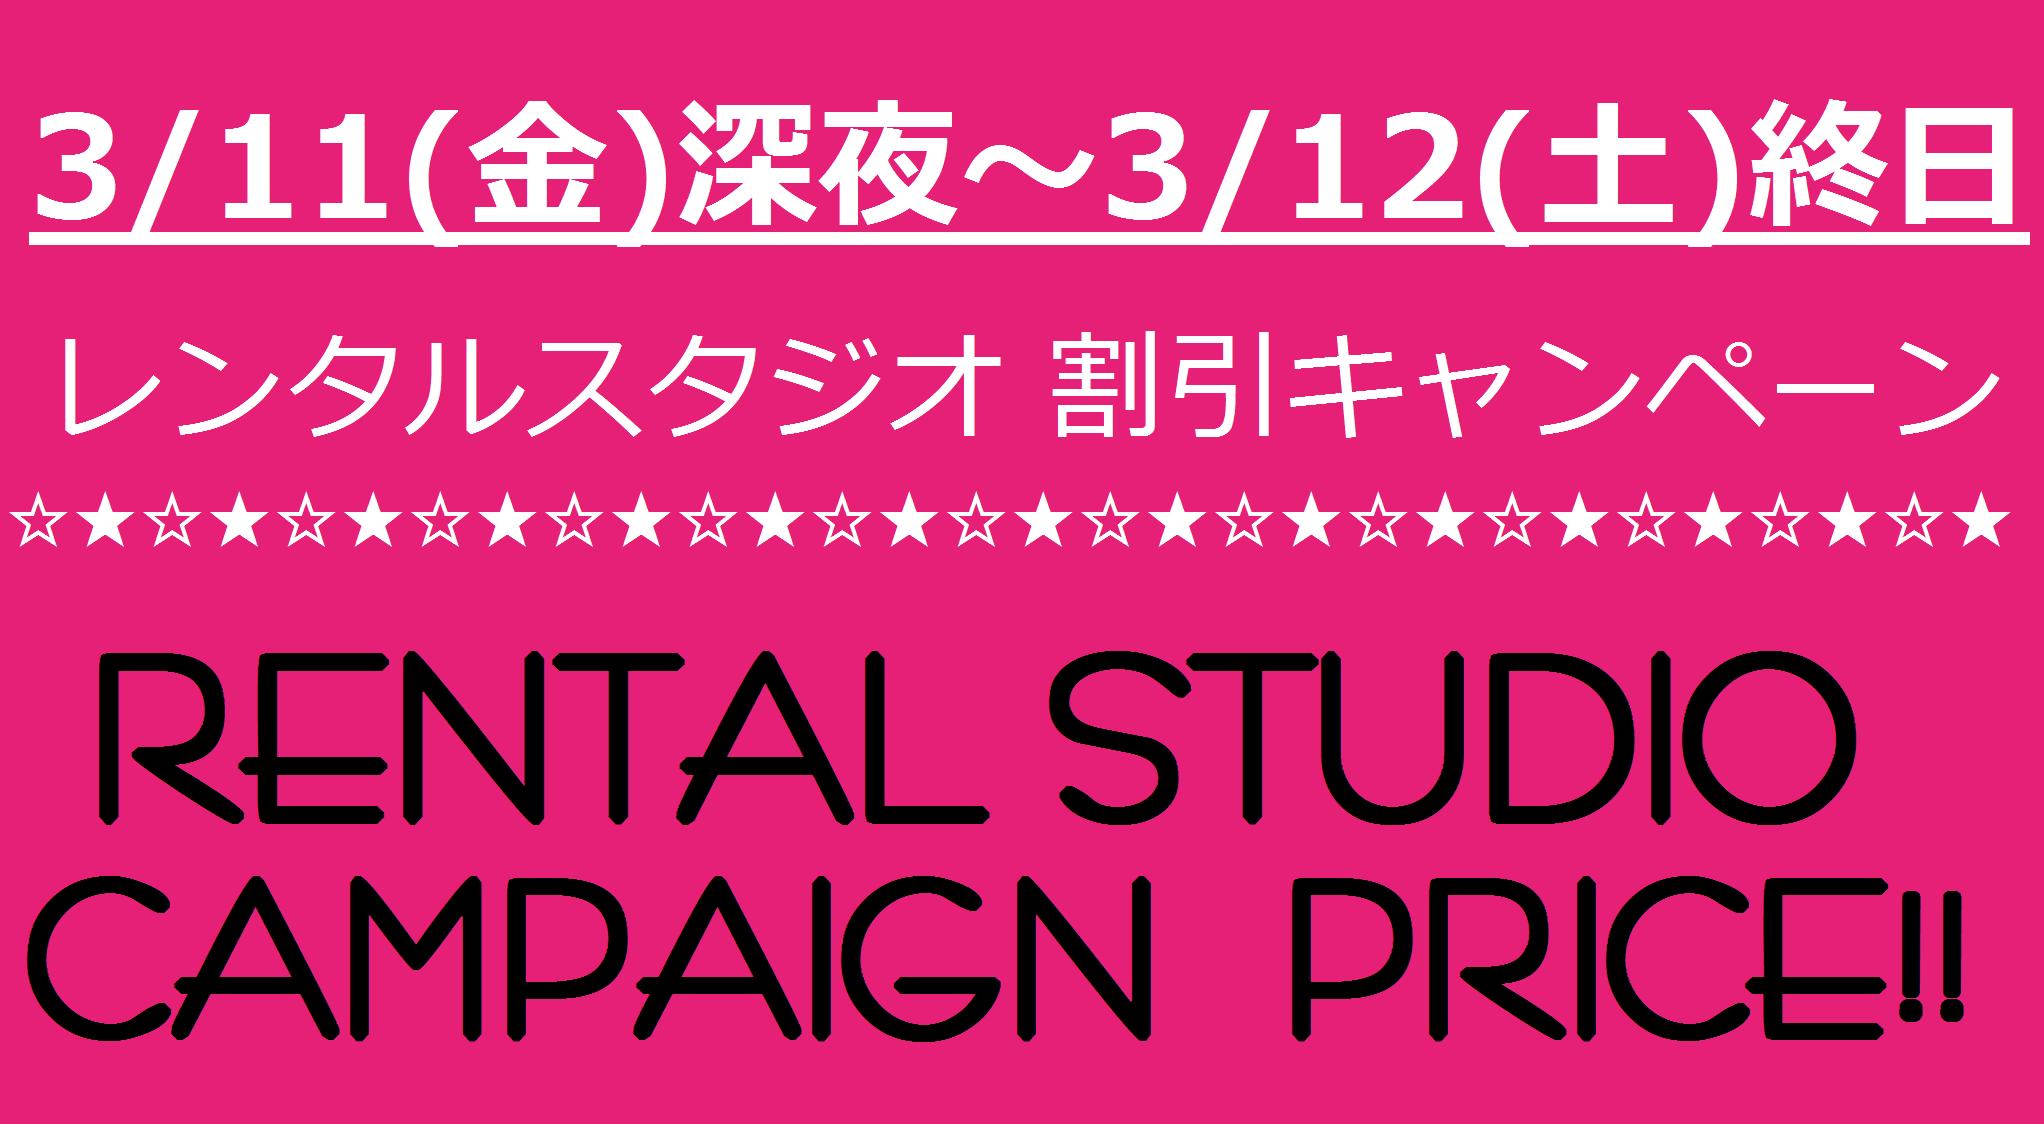 レンタルスタジオ キャンペーンバナー(2016.3.11~3.12)